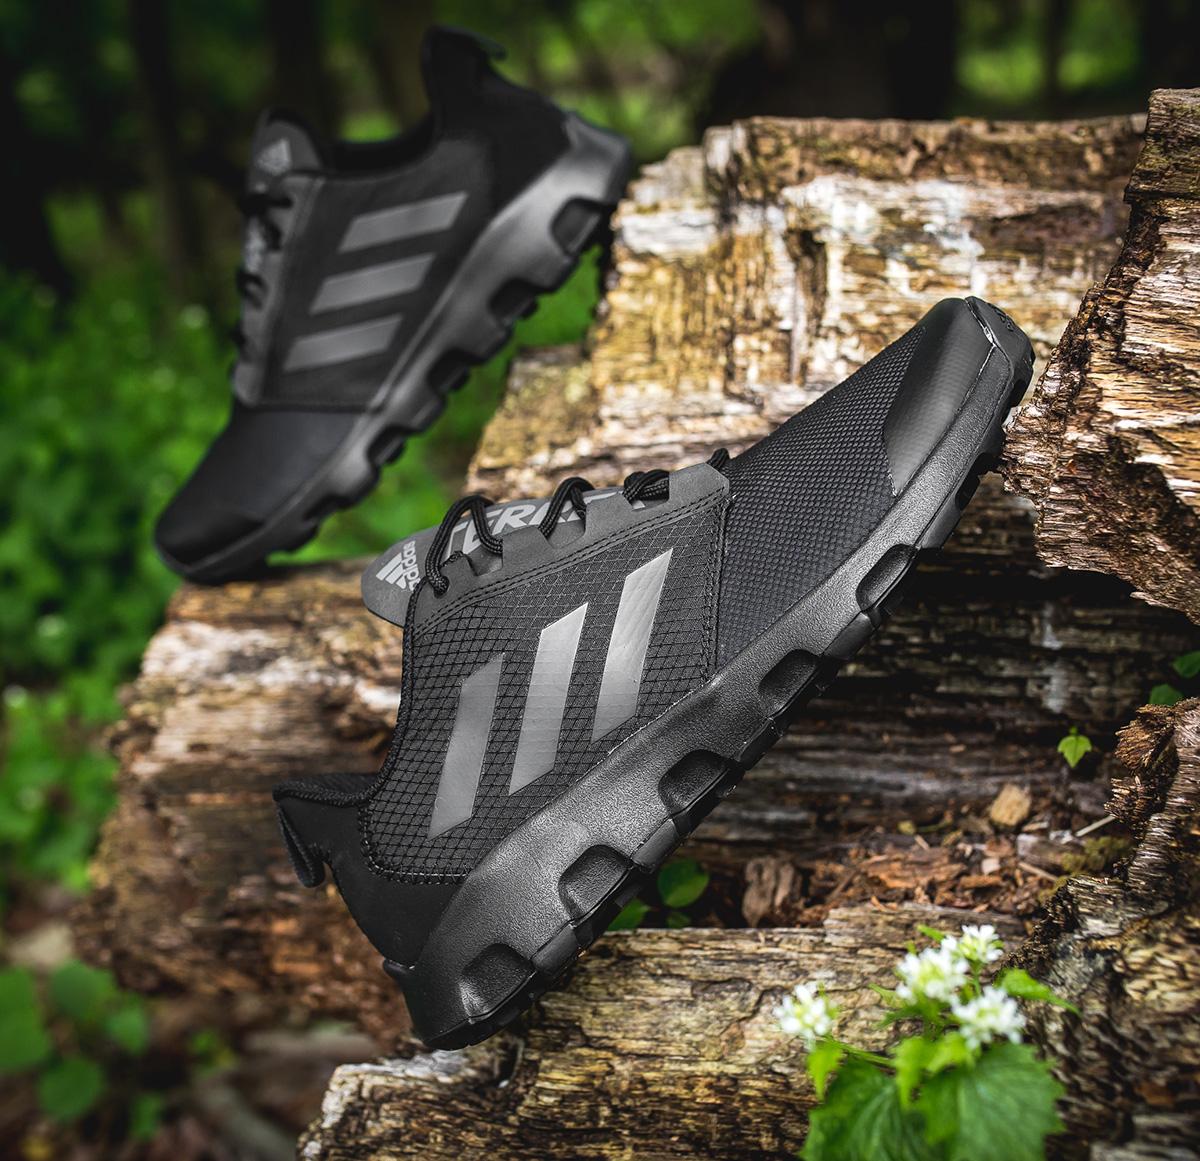 adidas Outdoor Footwear | Sommer 2017 WILLYA Magazine